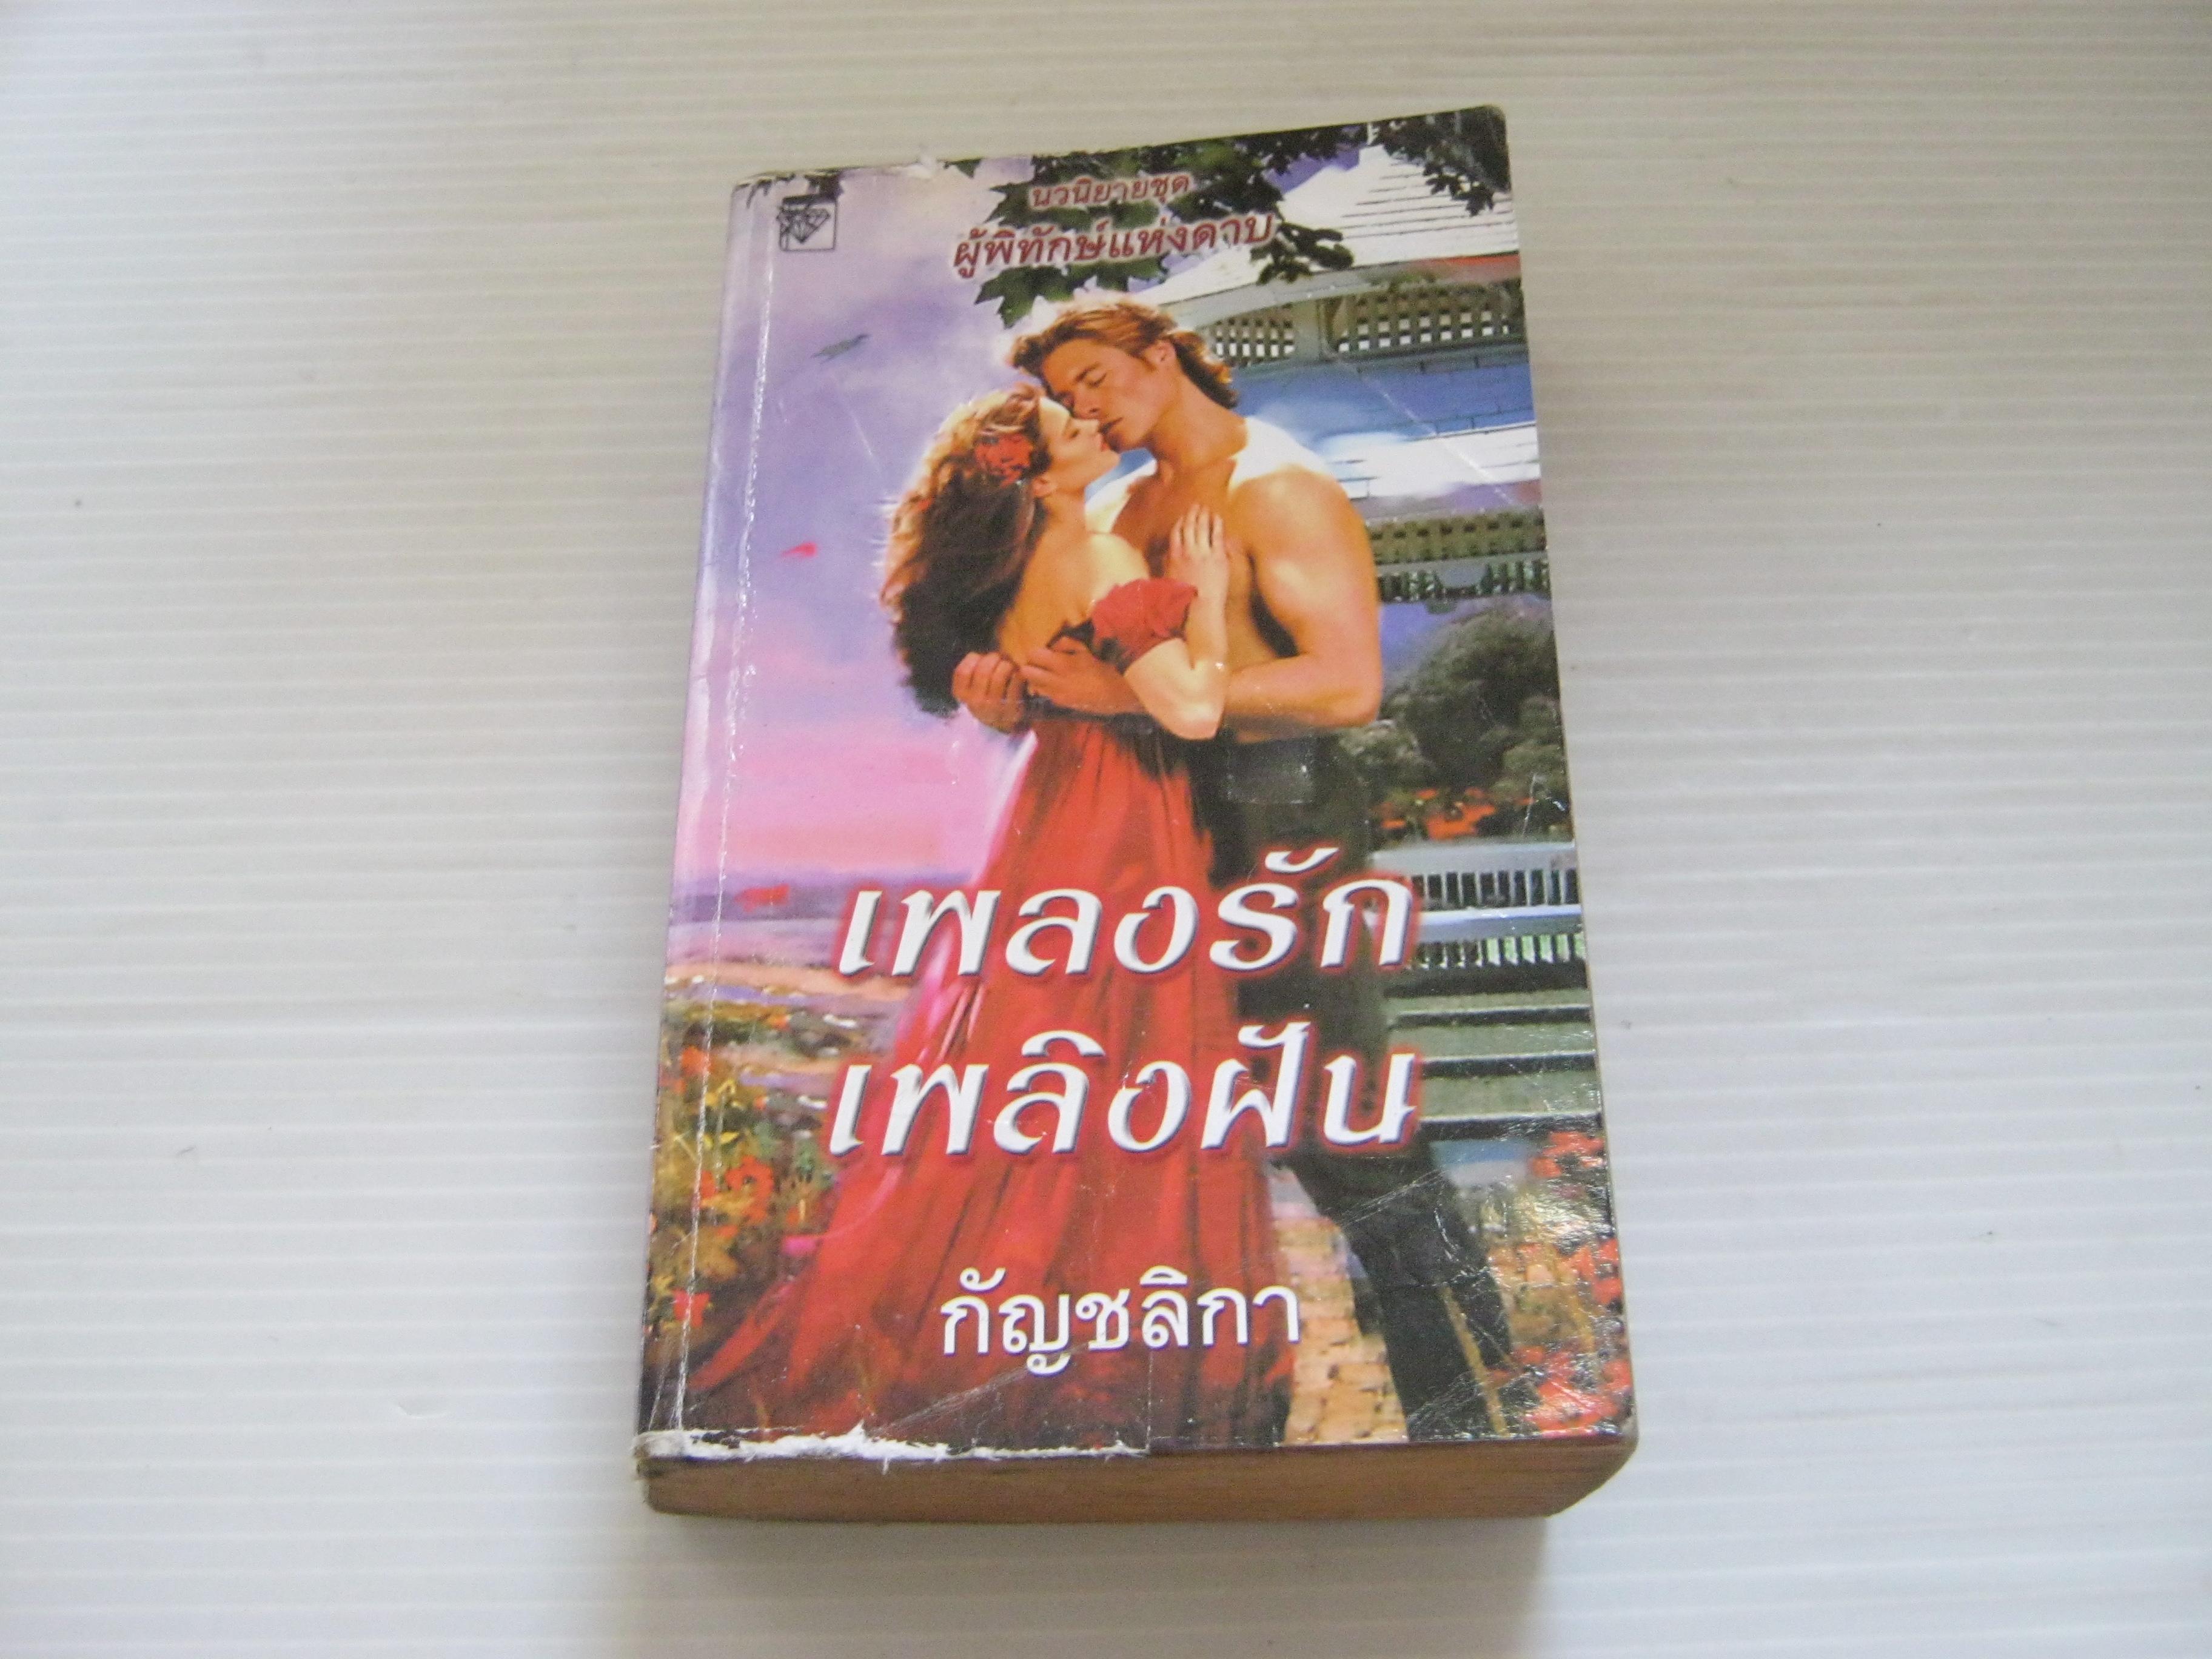 นวนิยายชุด ผู้พิทักษ์แห่งดาบ ตอน เพลงรักเพลิงฝัน นิโคล จอร์แดน เขียน กัญชลิกา แปล